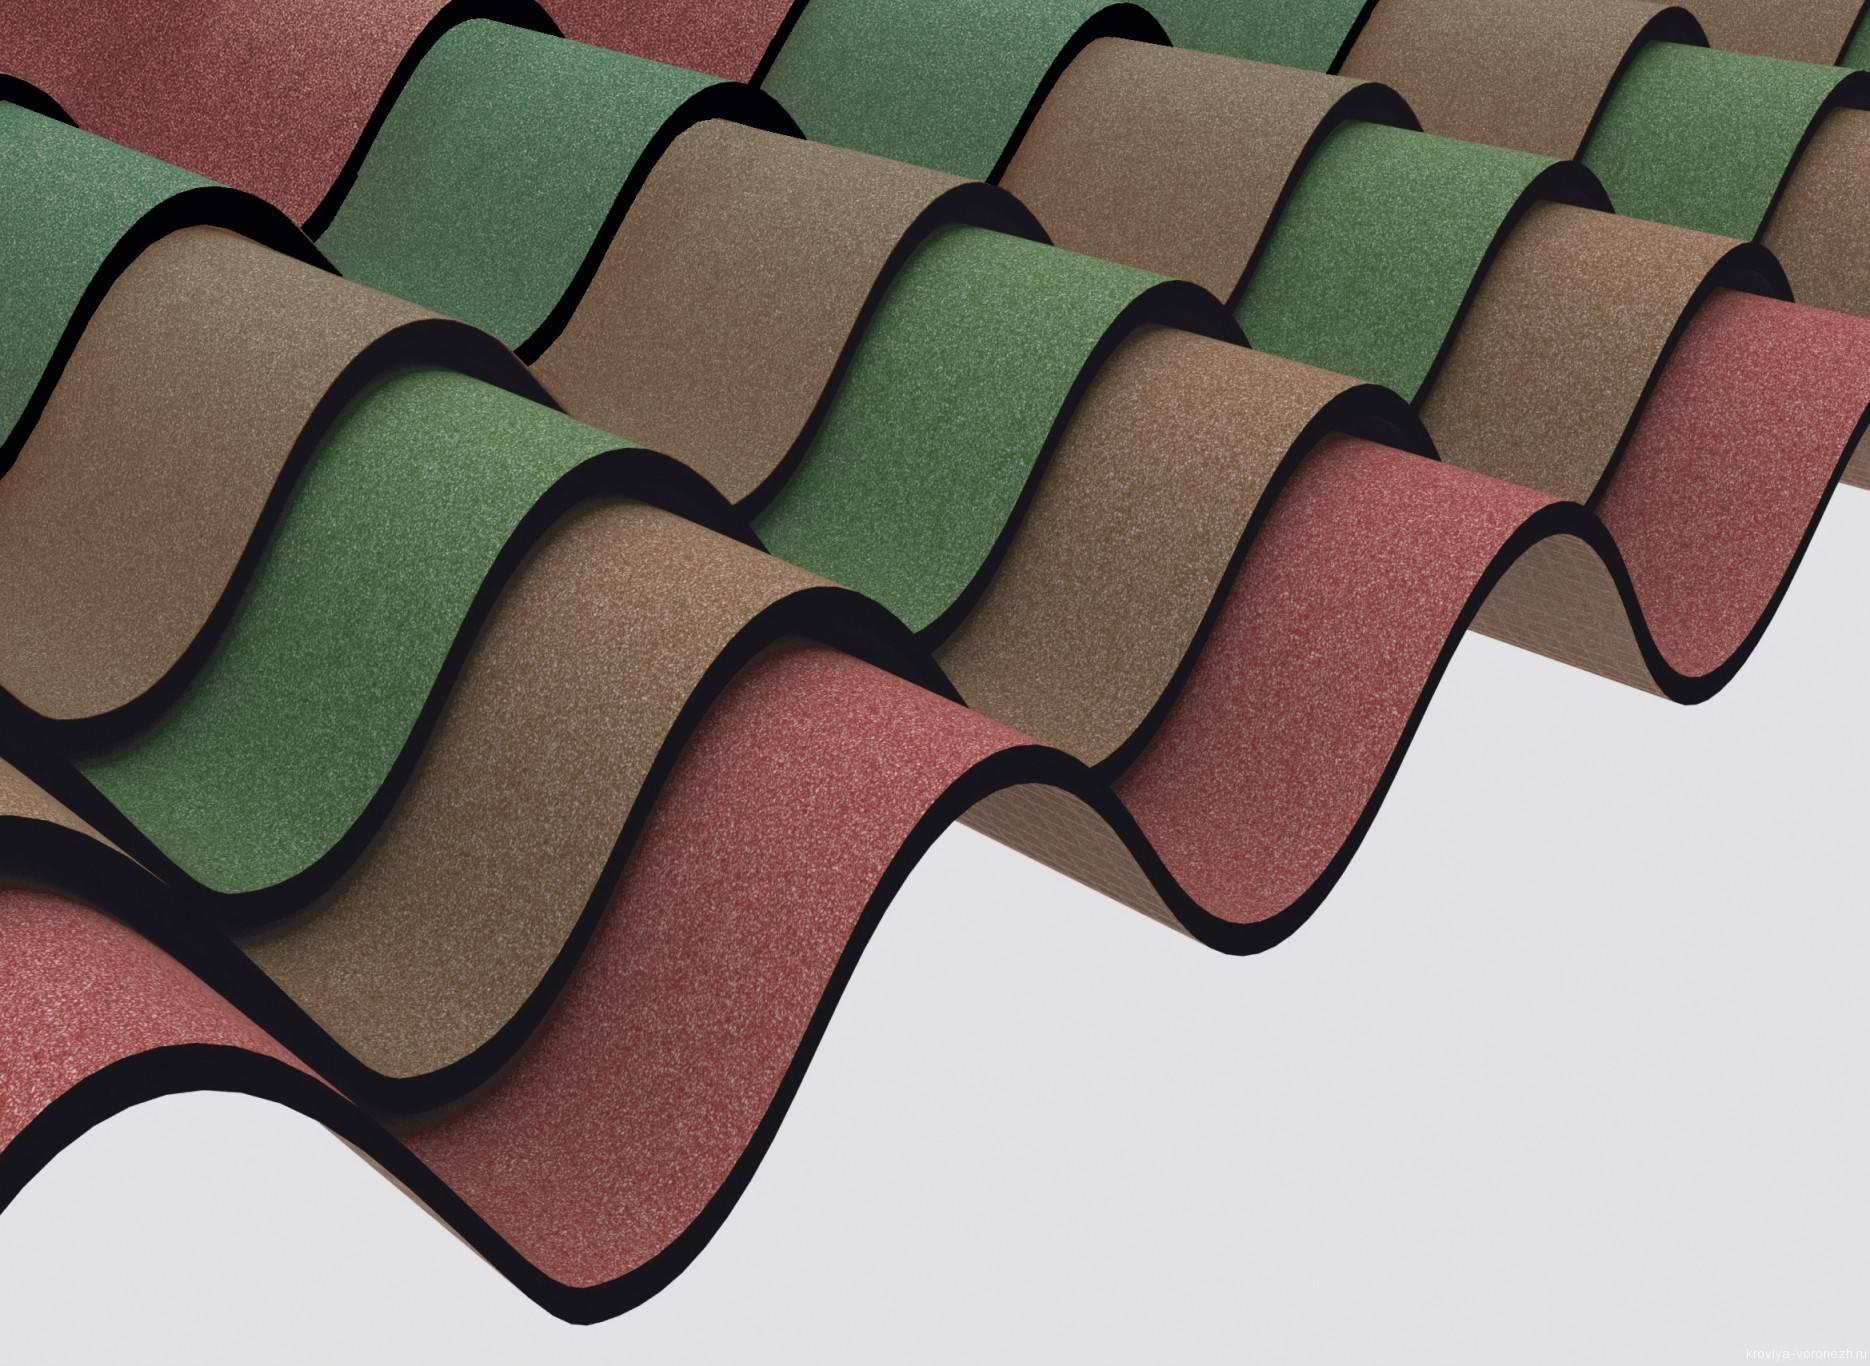 Крыша из ондулина: преимущества материала, подготовка к монтажу, укладка и закрепление